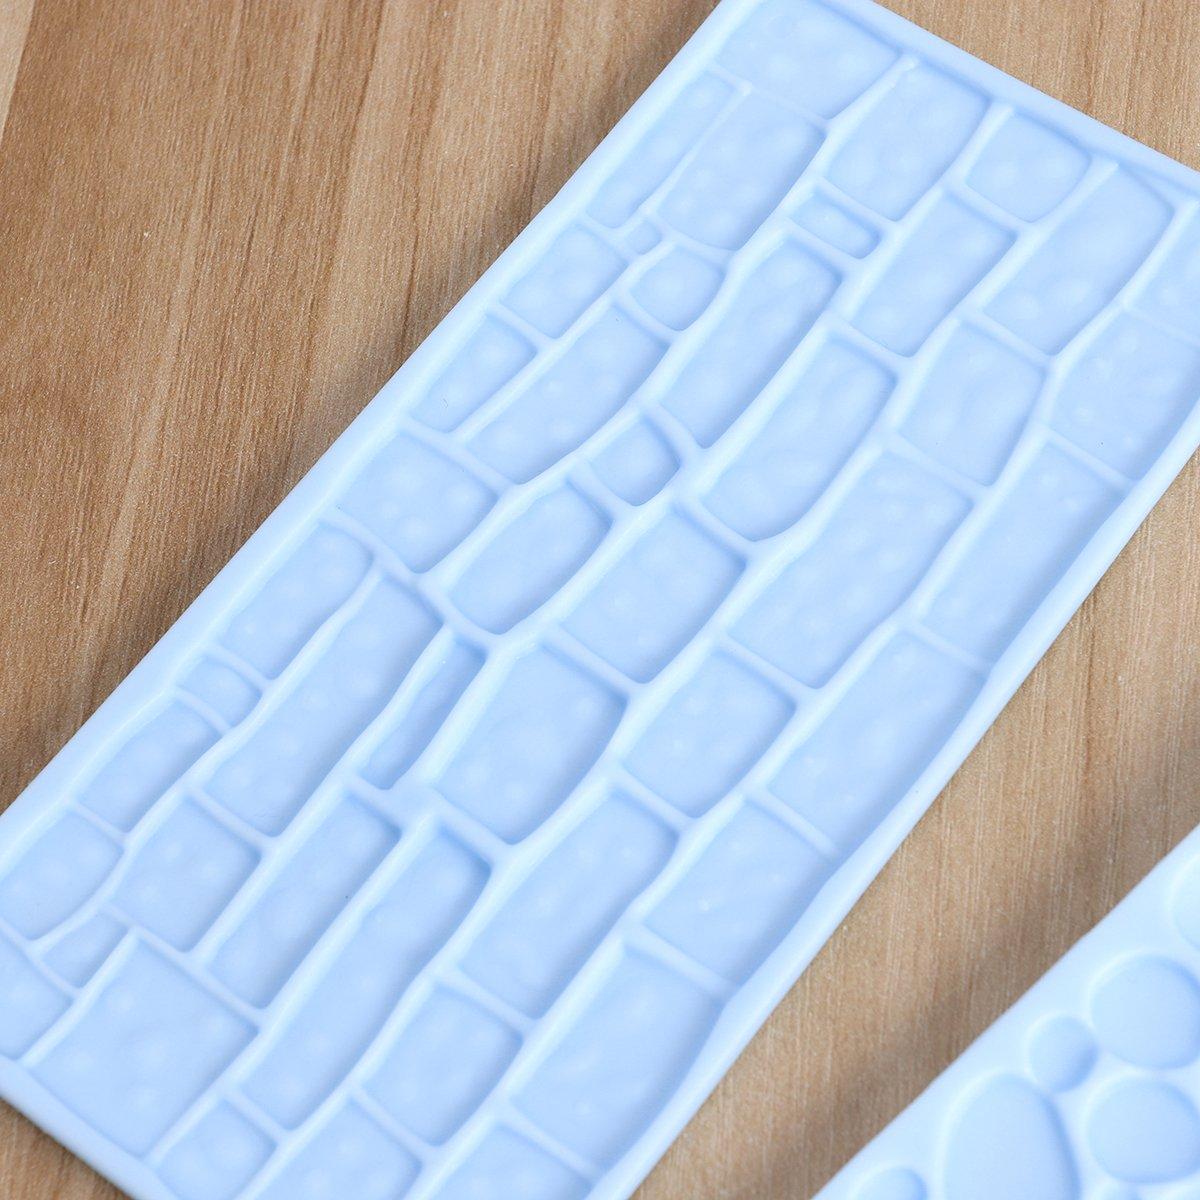 BESTONZON 2 unids en relieve de silicona molde de pastel de ladrillo patr/ón de pared tortas diy que adorna el molde